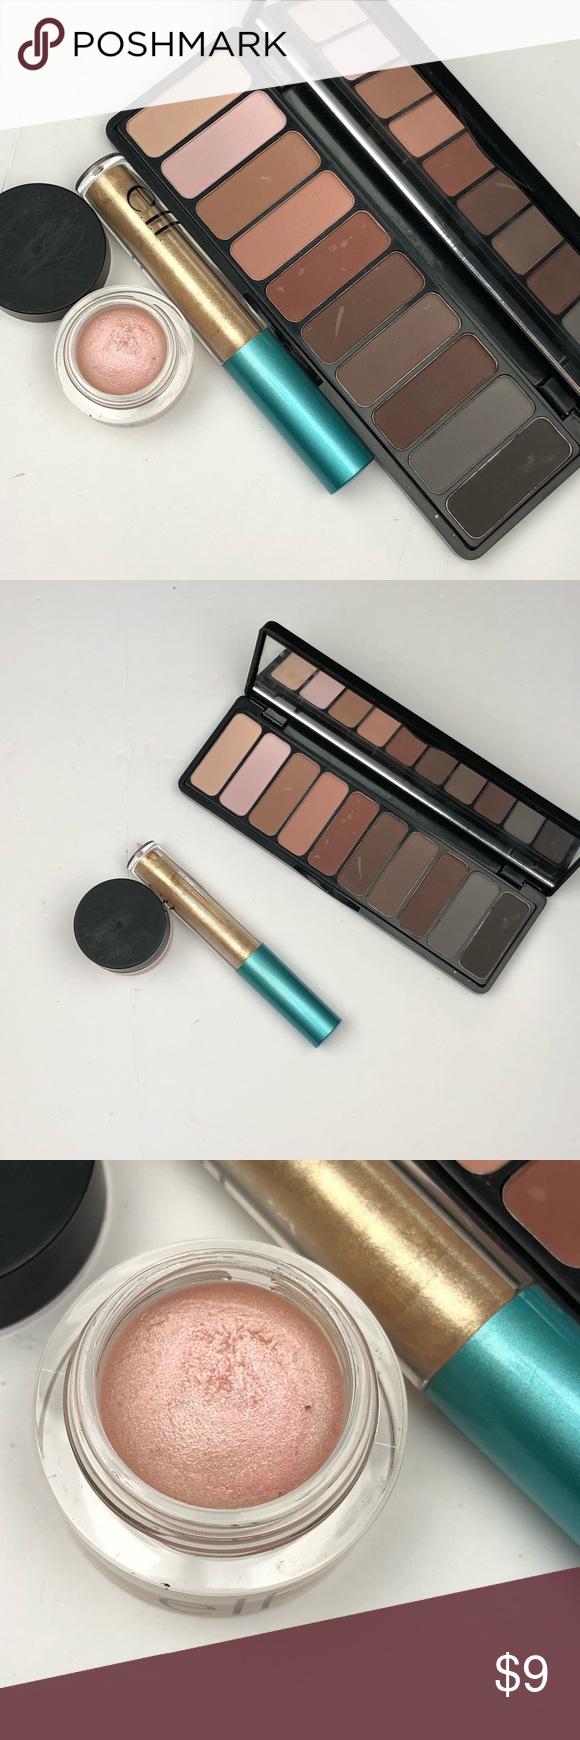 Elf eyeshadow palette, smudge pot, liquid shadow Palette